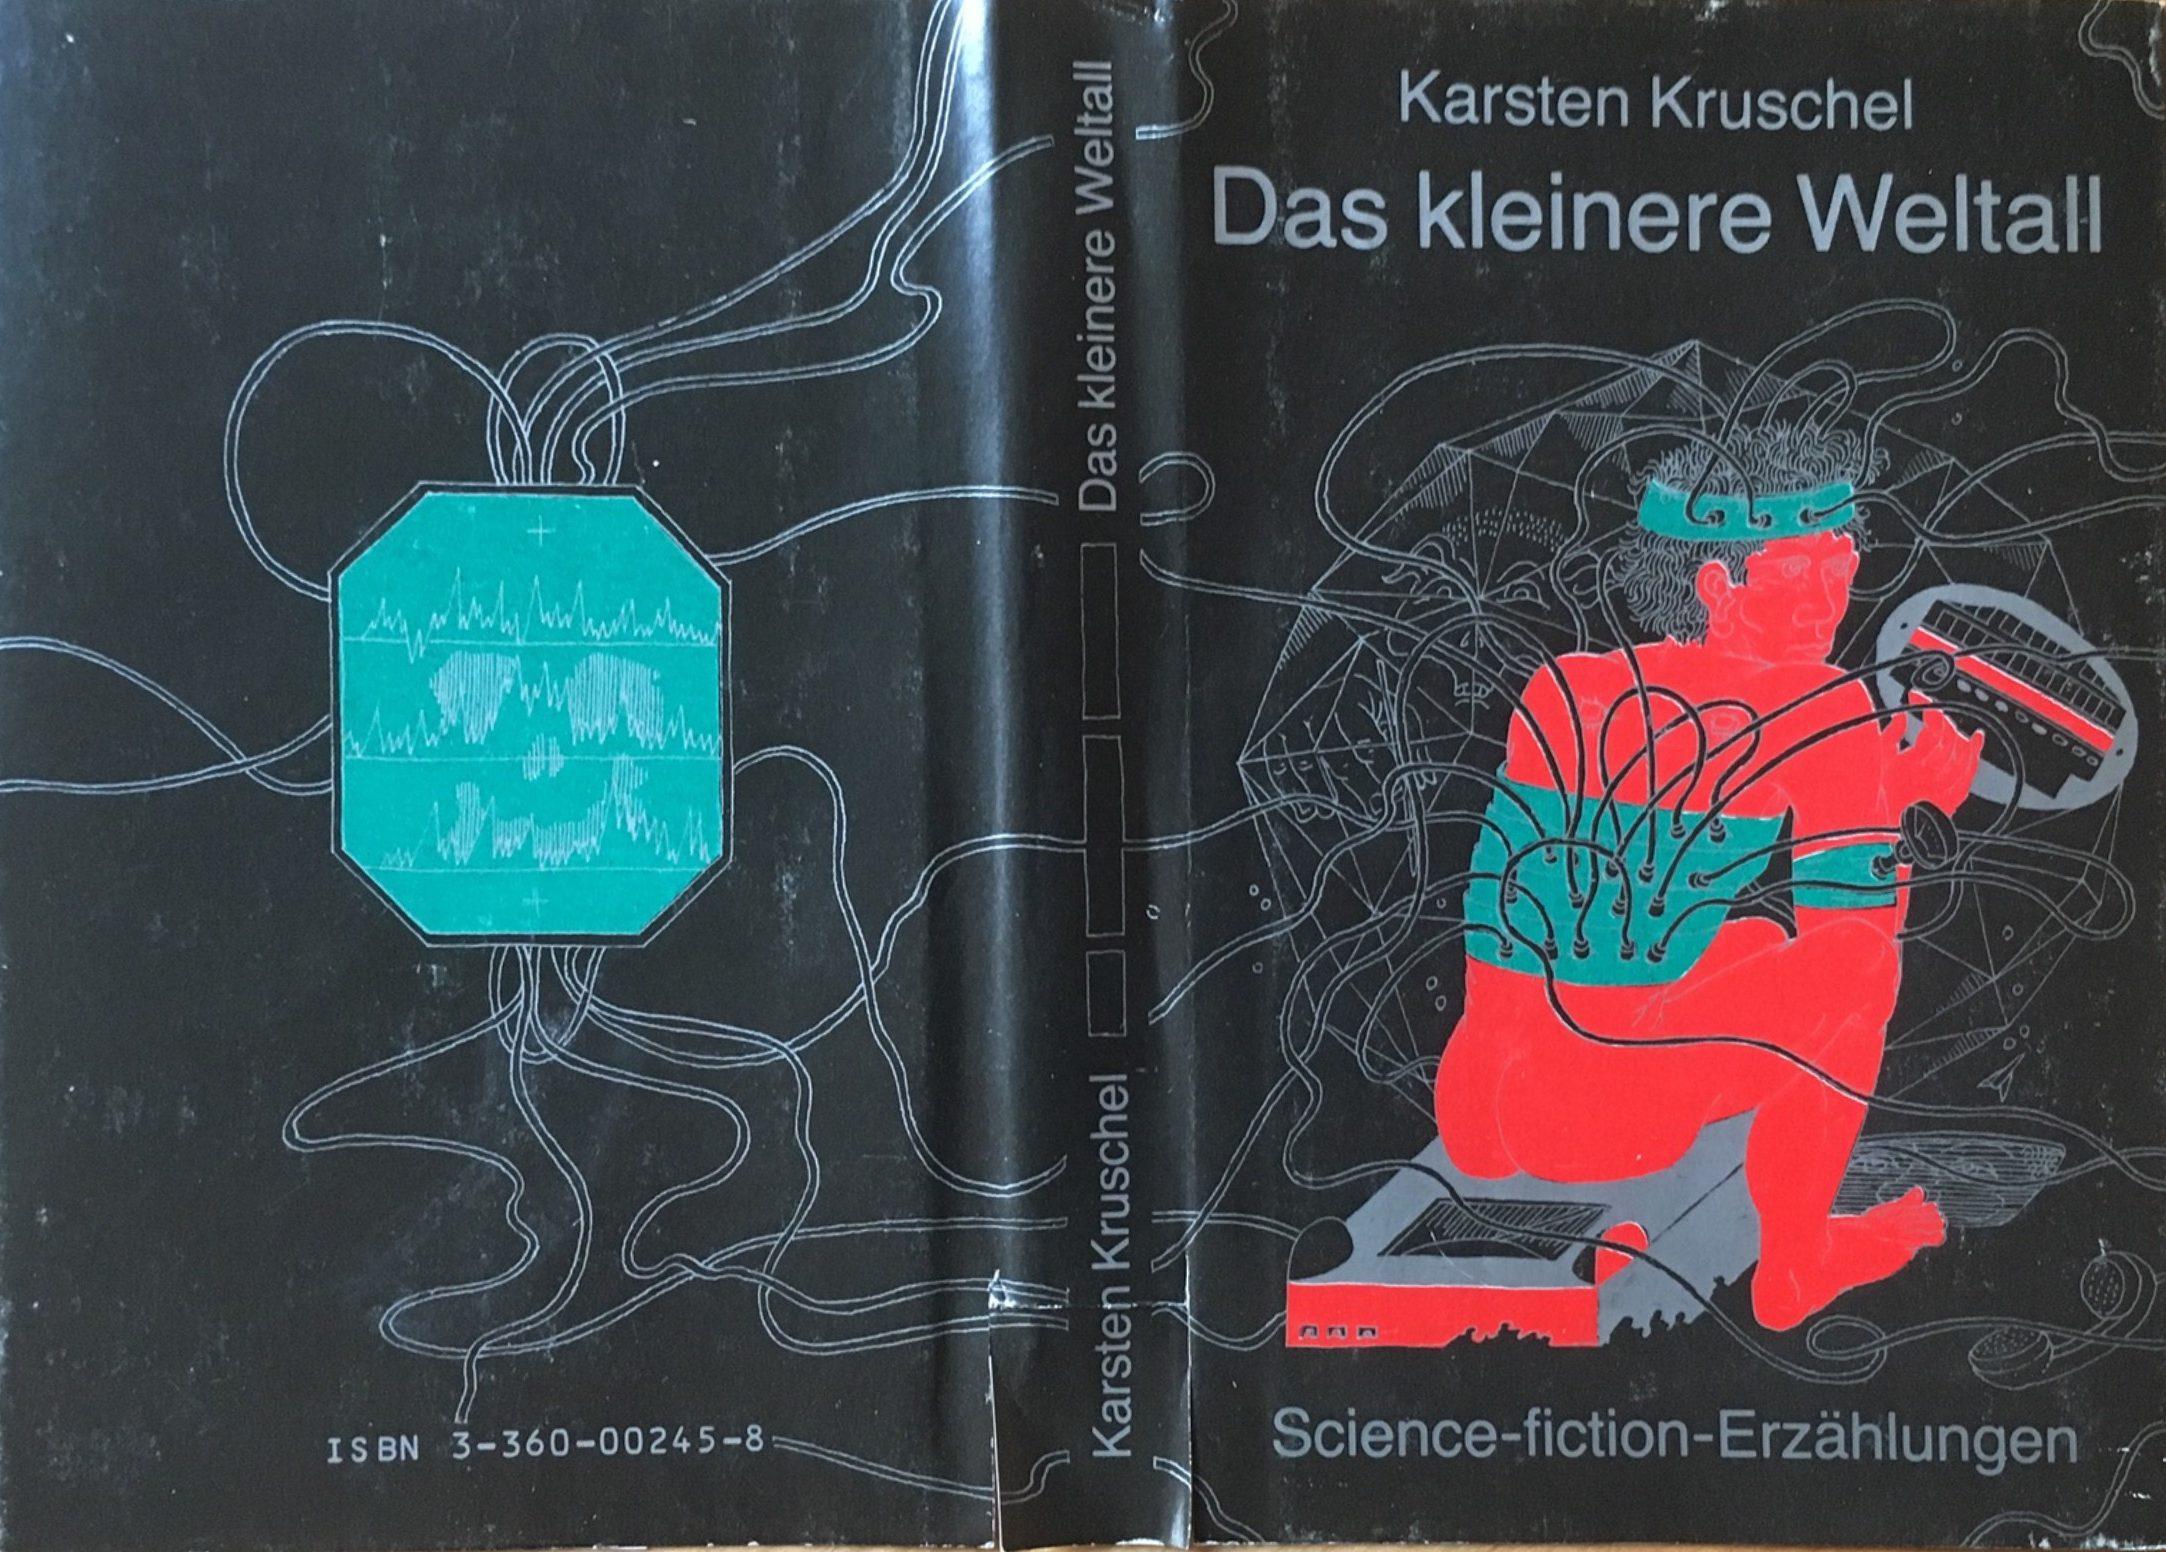 Das kleinere Weltall - Buchcover Schutzumschlag - Karsten Kruschel - Illustrationen: Dieter Heidenreich